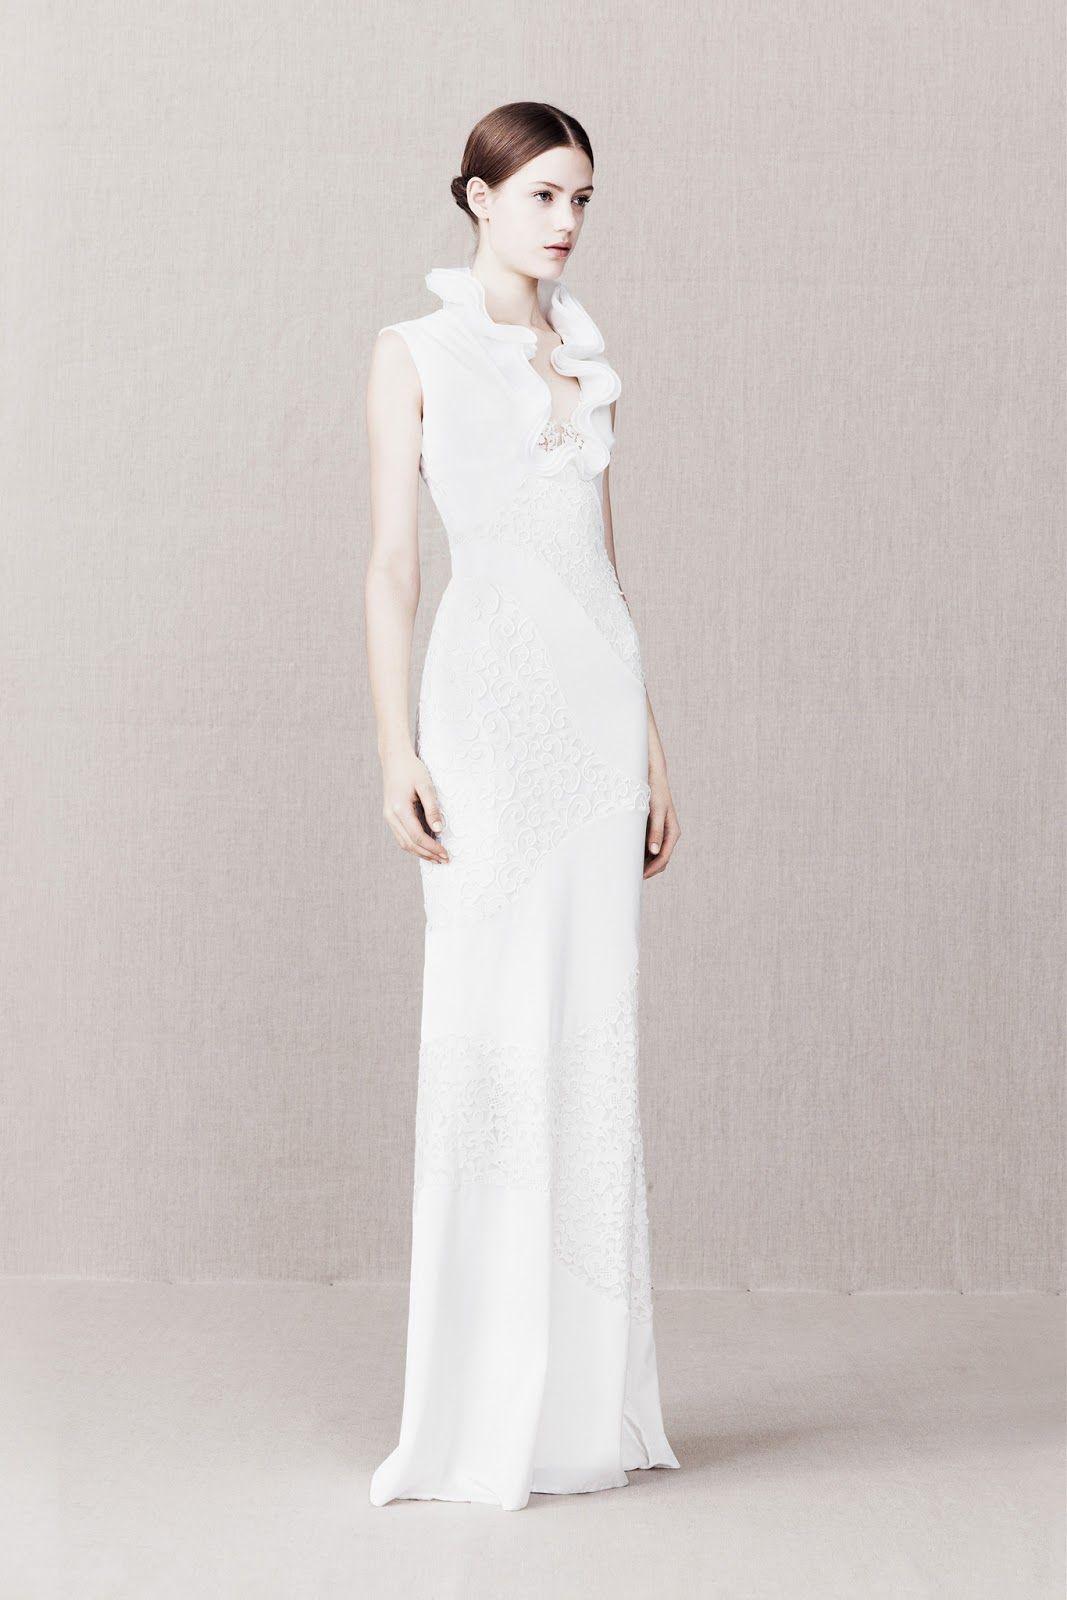 Sarah burton wedding dress  Esther Heesch for Alexander McQueen  dress  Pinterest  Alexander